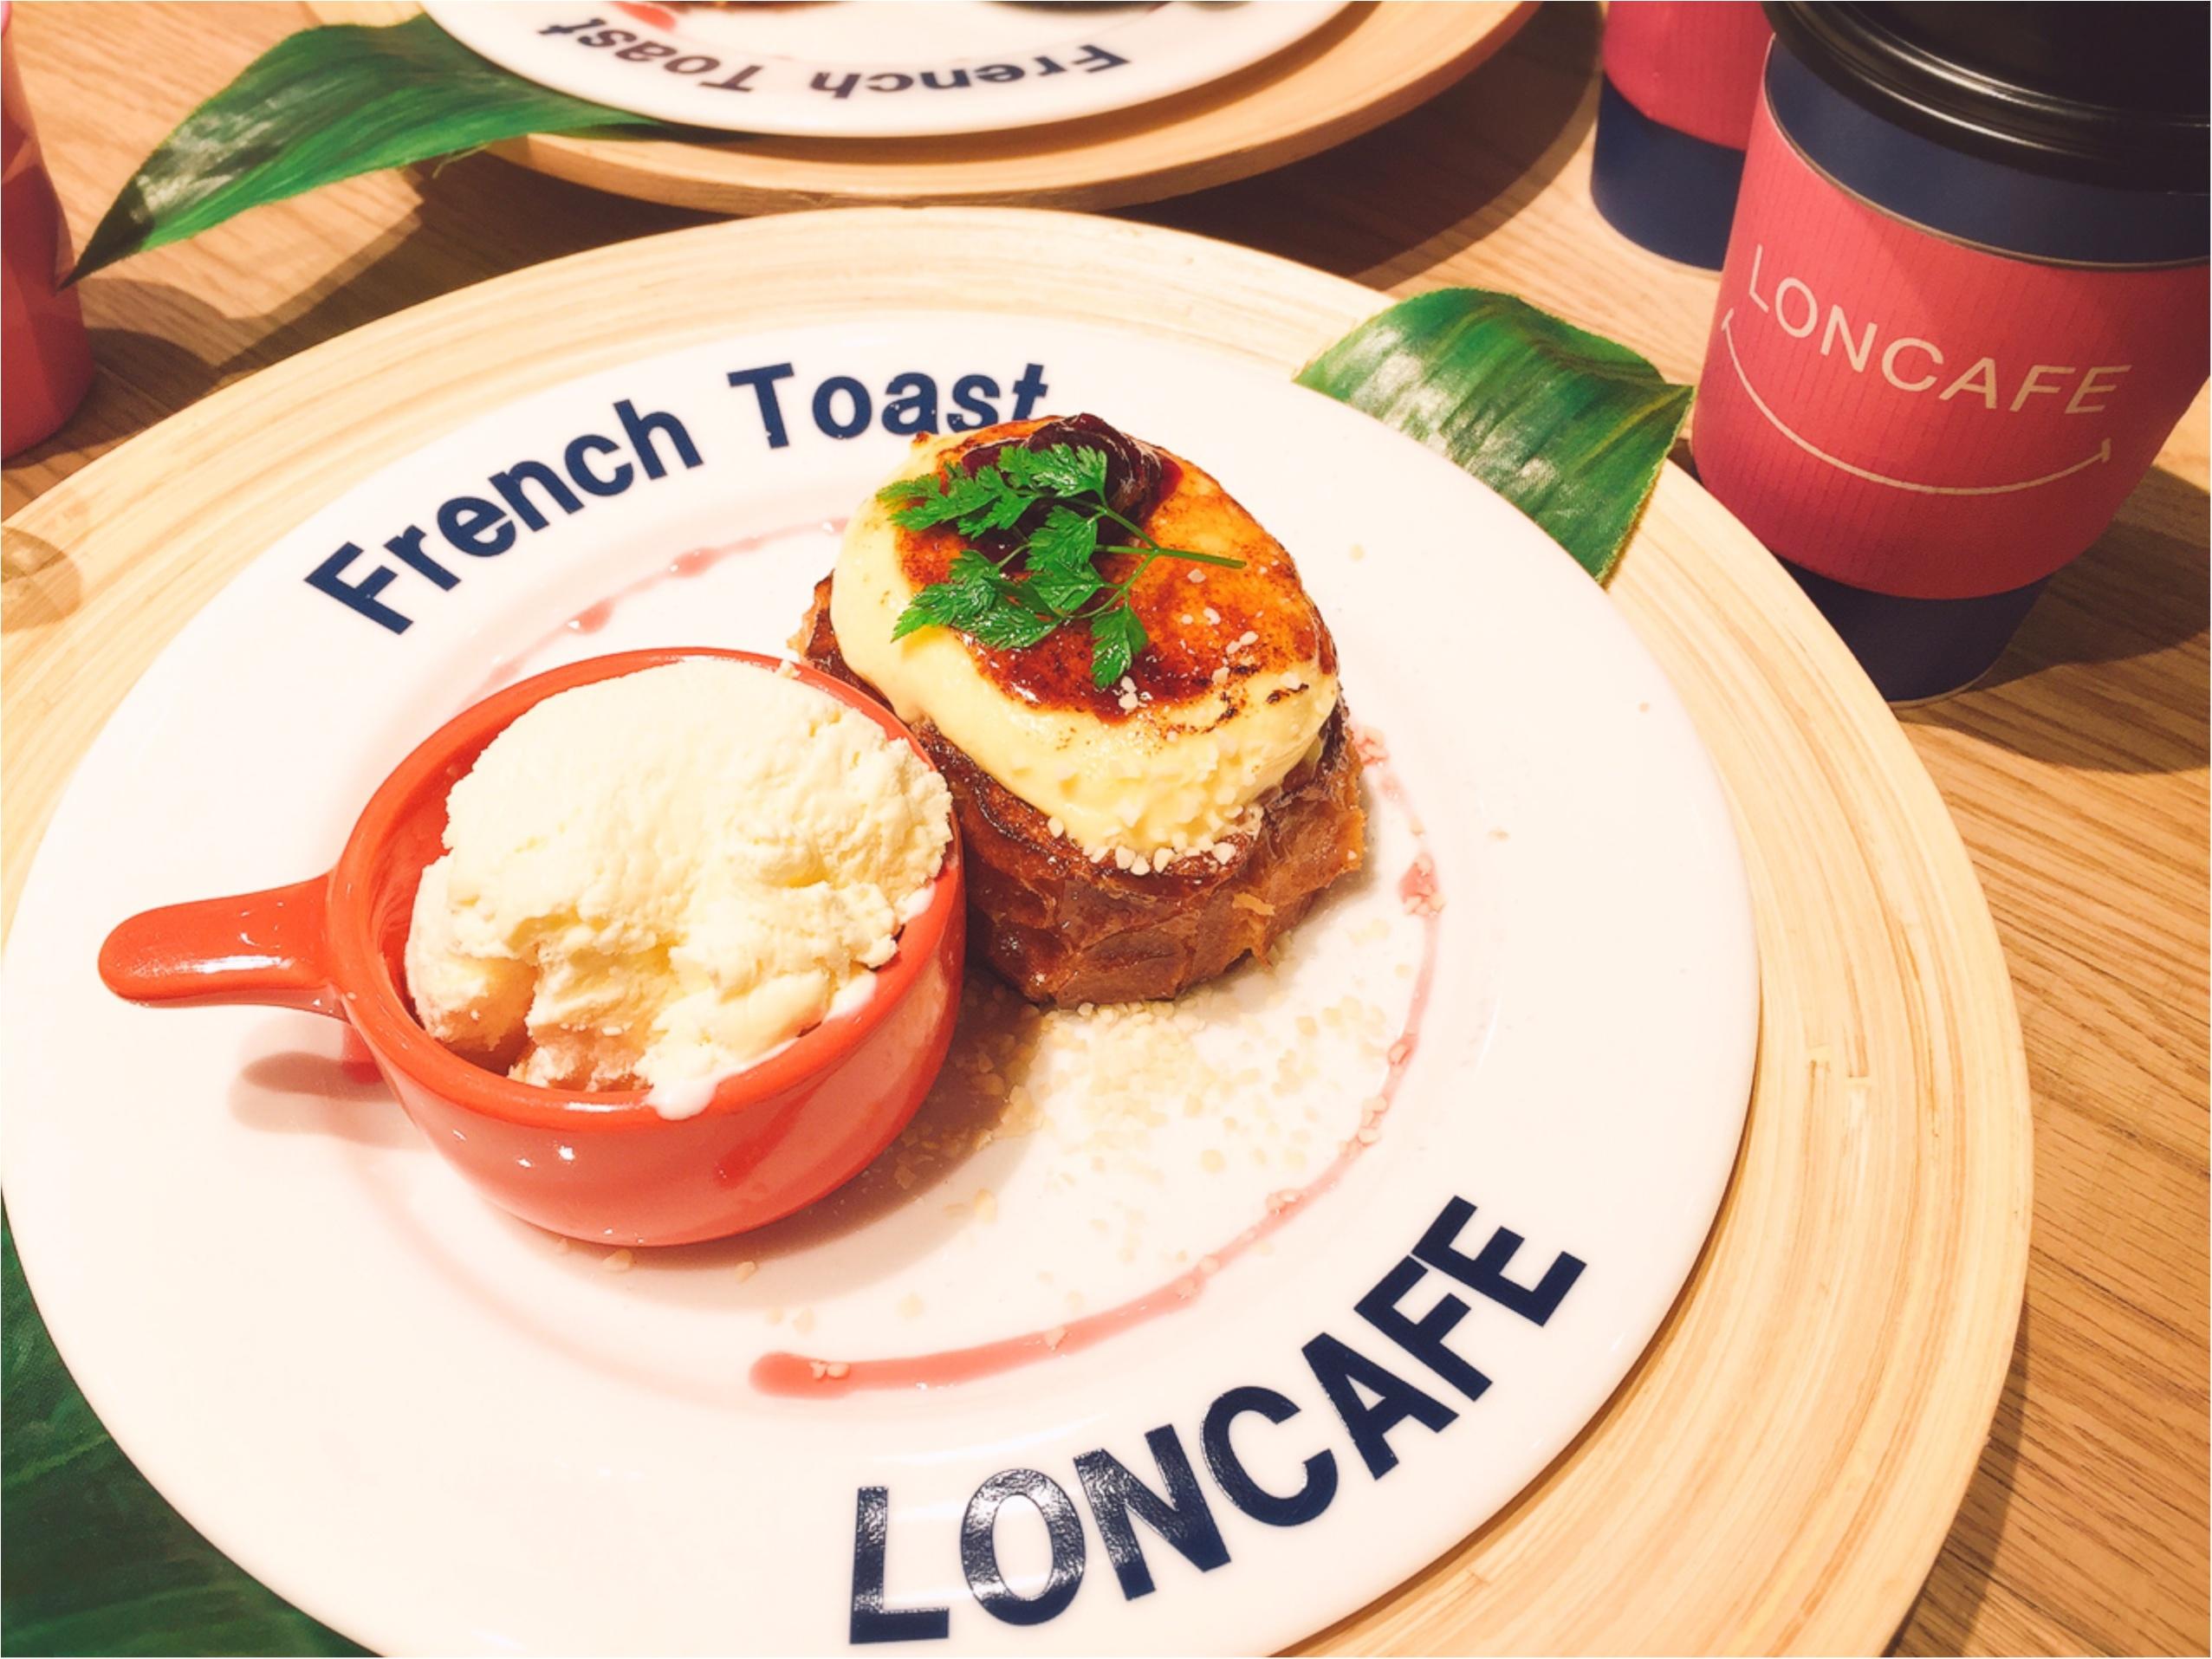 《話題の高架下グルメ》中目黒高架下で食べられる!湘南で人気のフレンチトースト専門店『LONCAFE』の絶品フレンチトーストが幸せ♡*_3